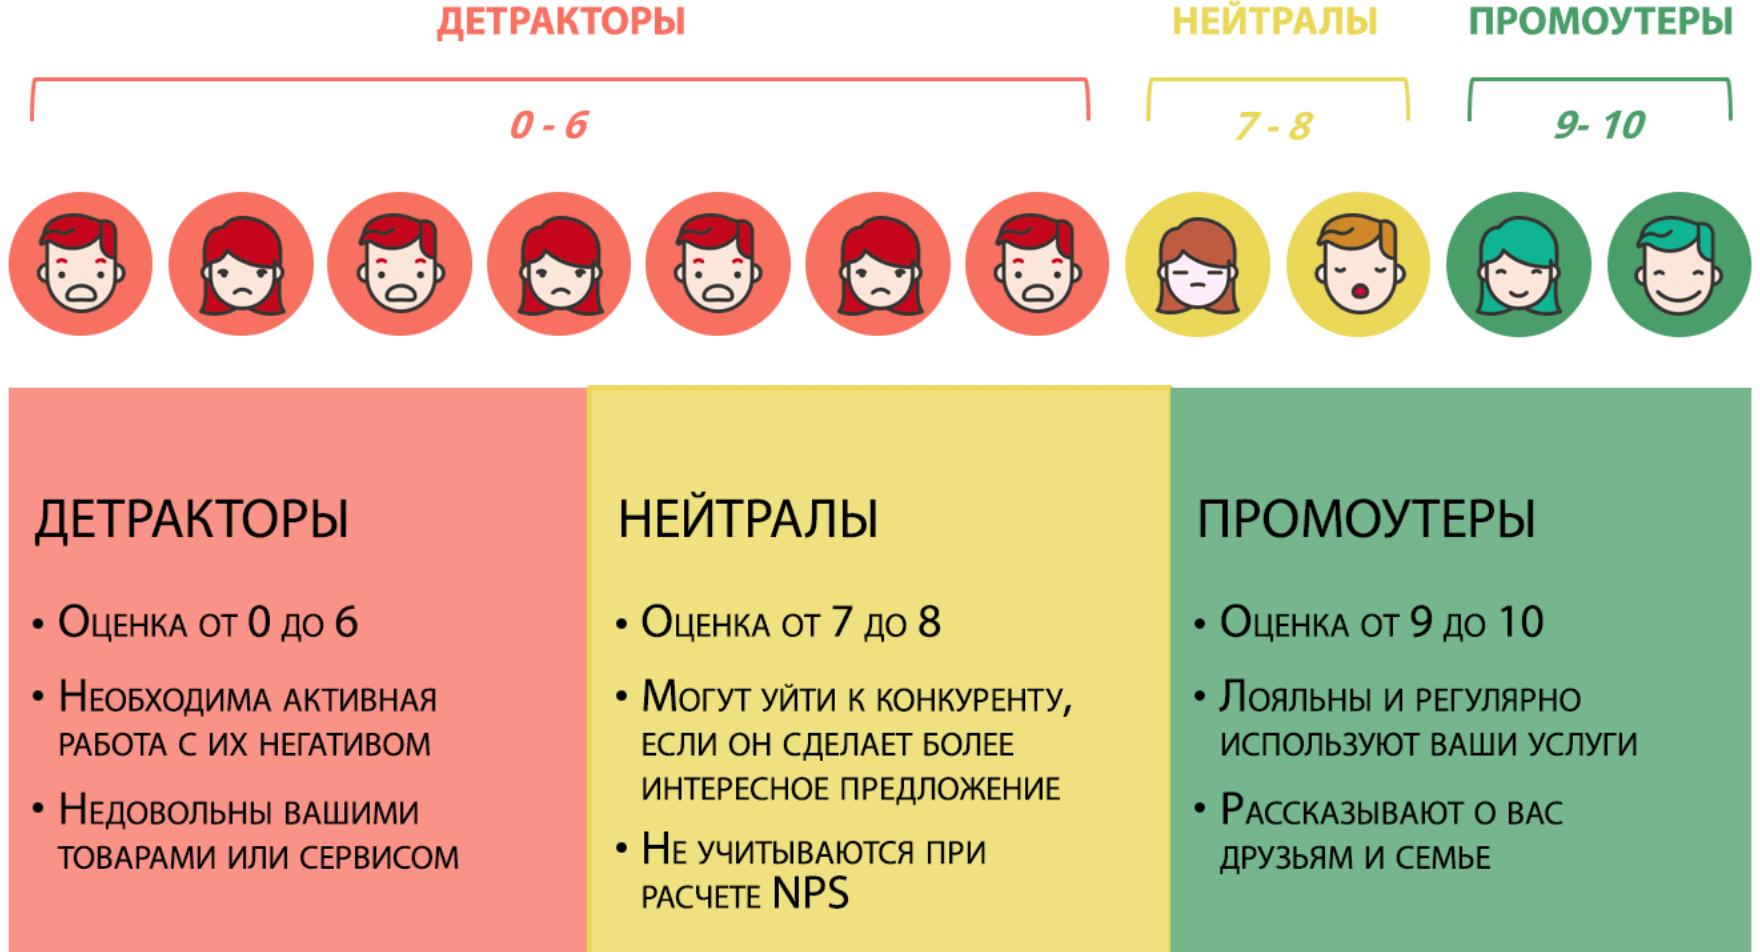 Детракторы, нейтралы и промоутеры